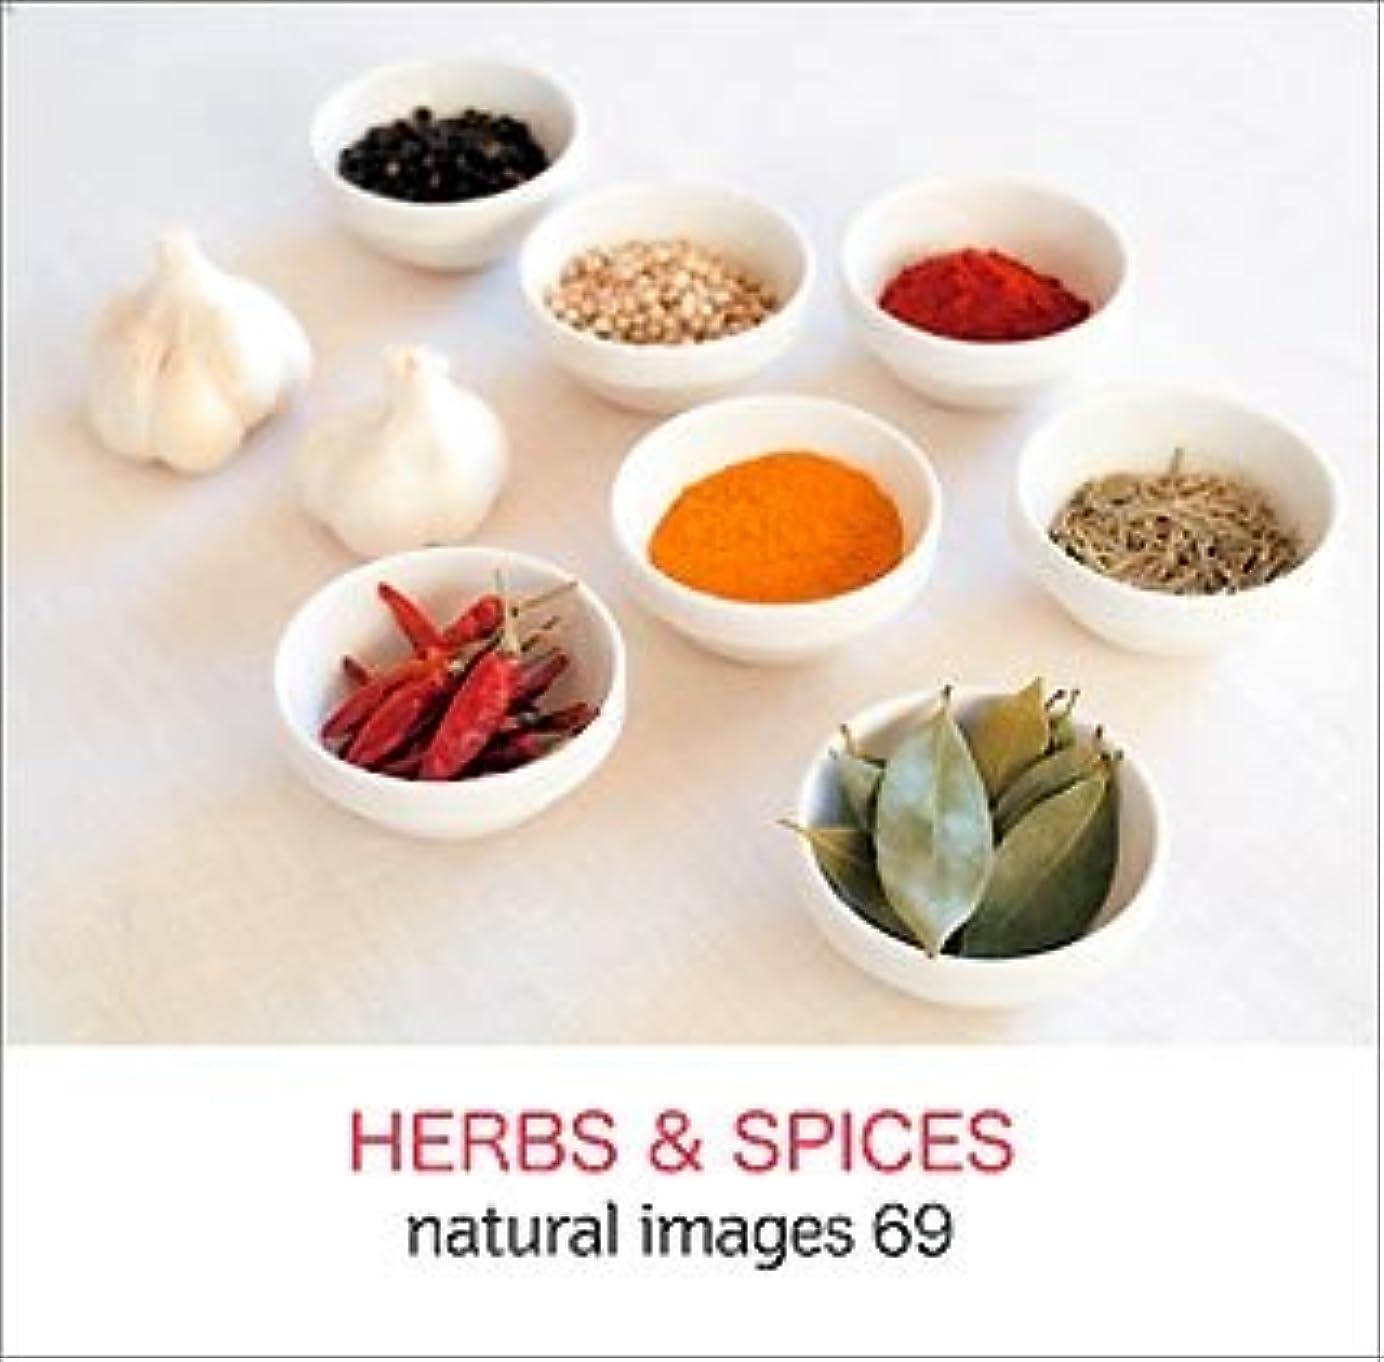 報いるゲスト大陸natural images Vol.69 HERBS & SPICES